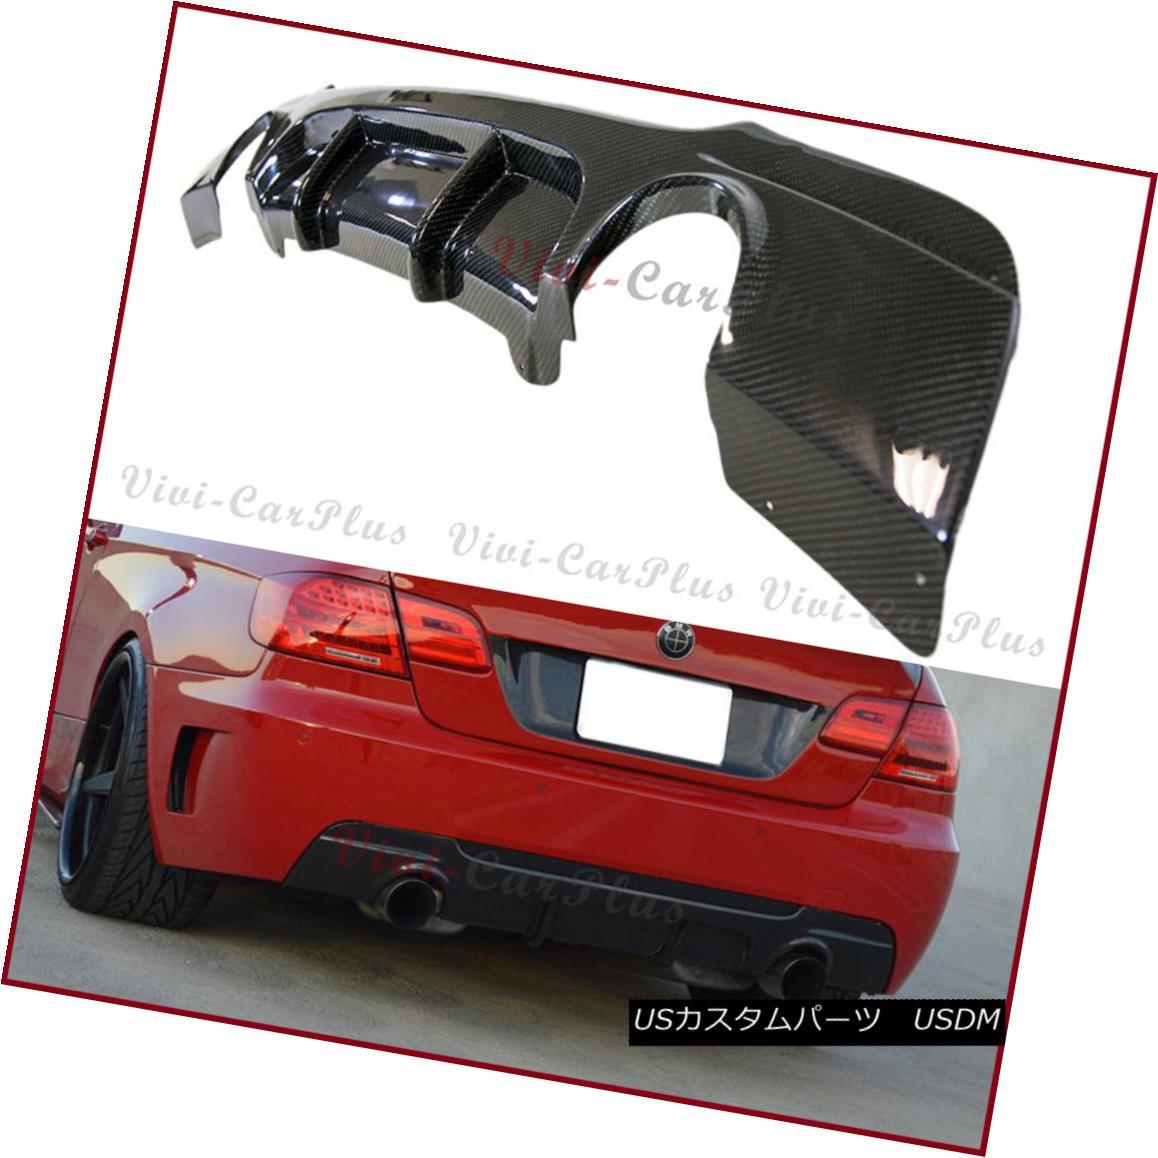 エアロパーツ For 07-13 E92 E93 328i 335i M-Sport Bumper Carbon Fiber P Type Rear Diffuser Lip 07-13 E92 E93 328i 335i MスポーツバンパーカーボンファイバーPタイプリアディフューザーリップ